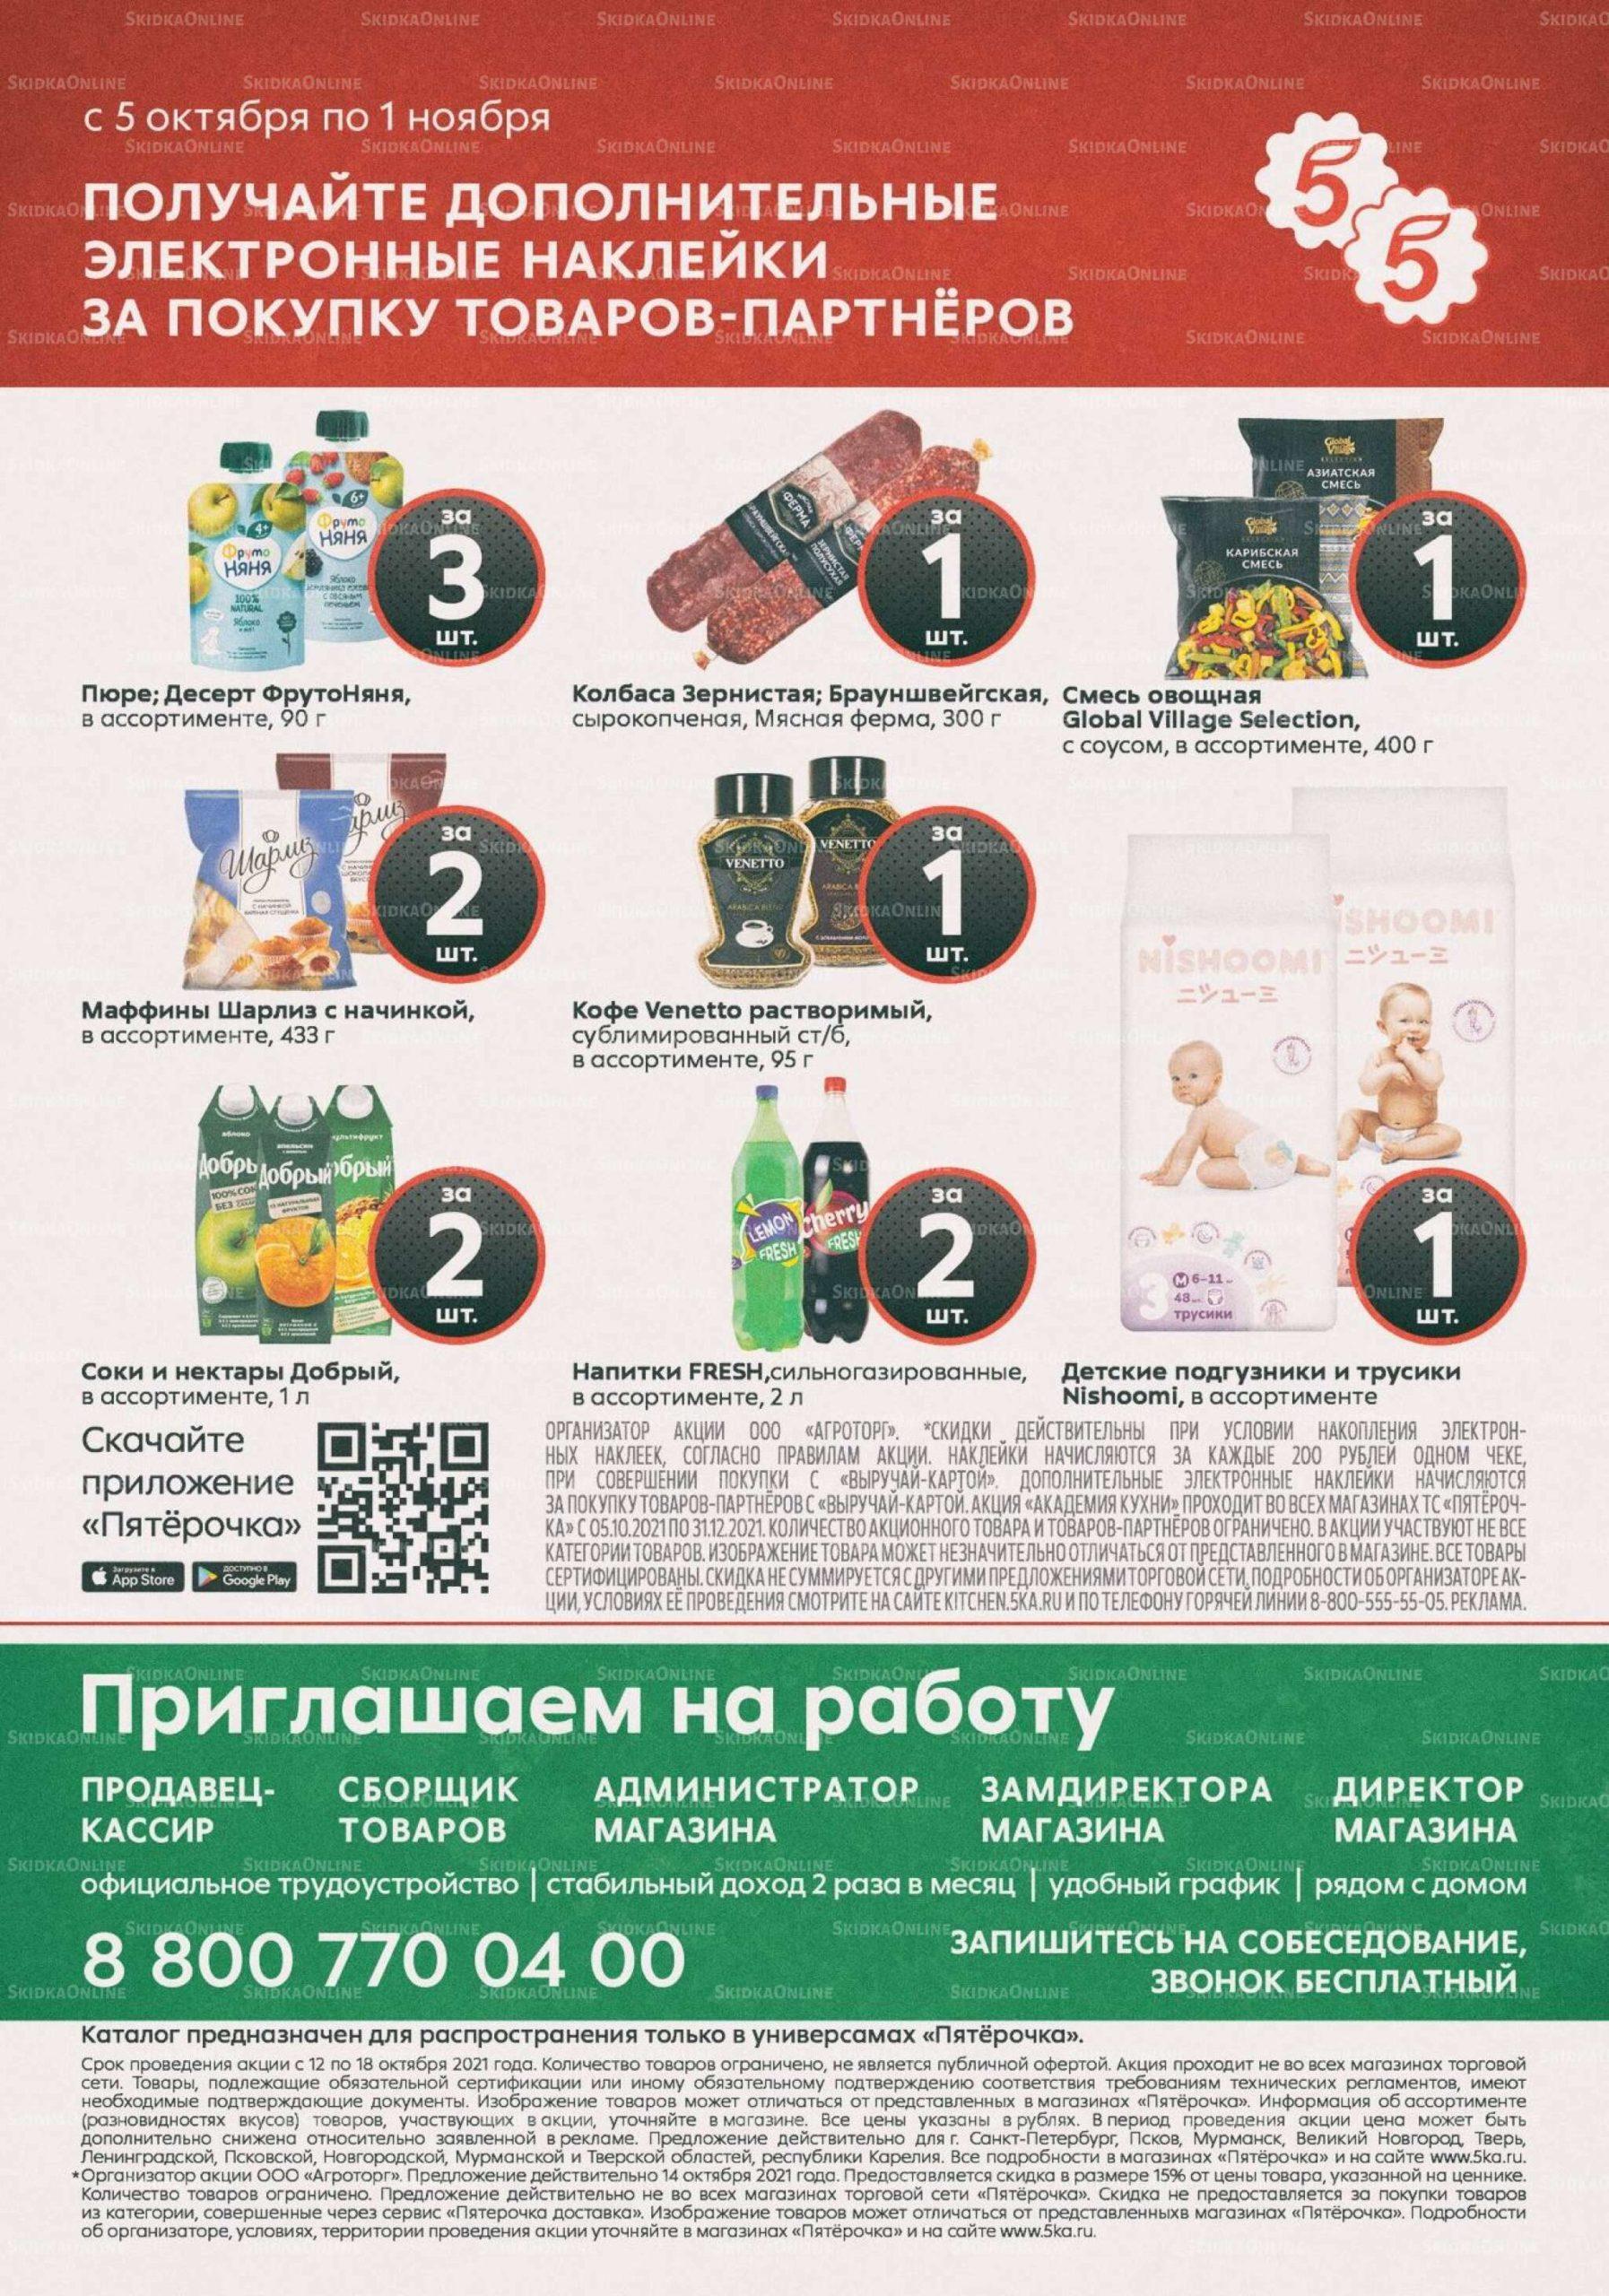 Акции в Пятёрочке с 12 по 18 октября 2021 года